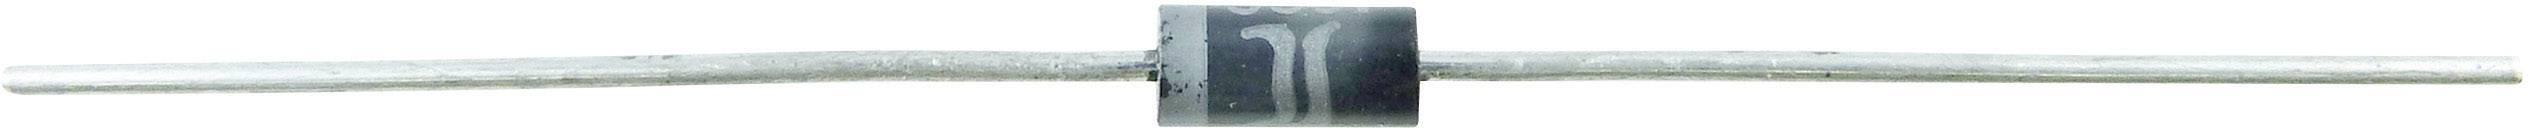 Schottkyho usmerňovacia dióda Diotec SB150, 1 A, 50 V